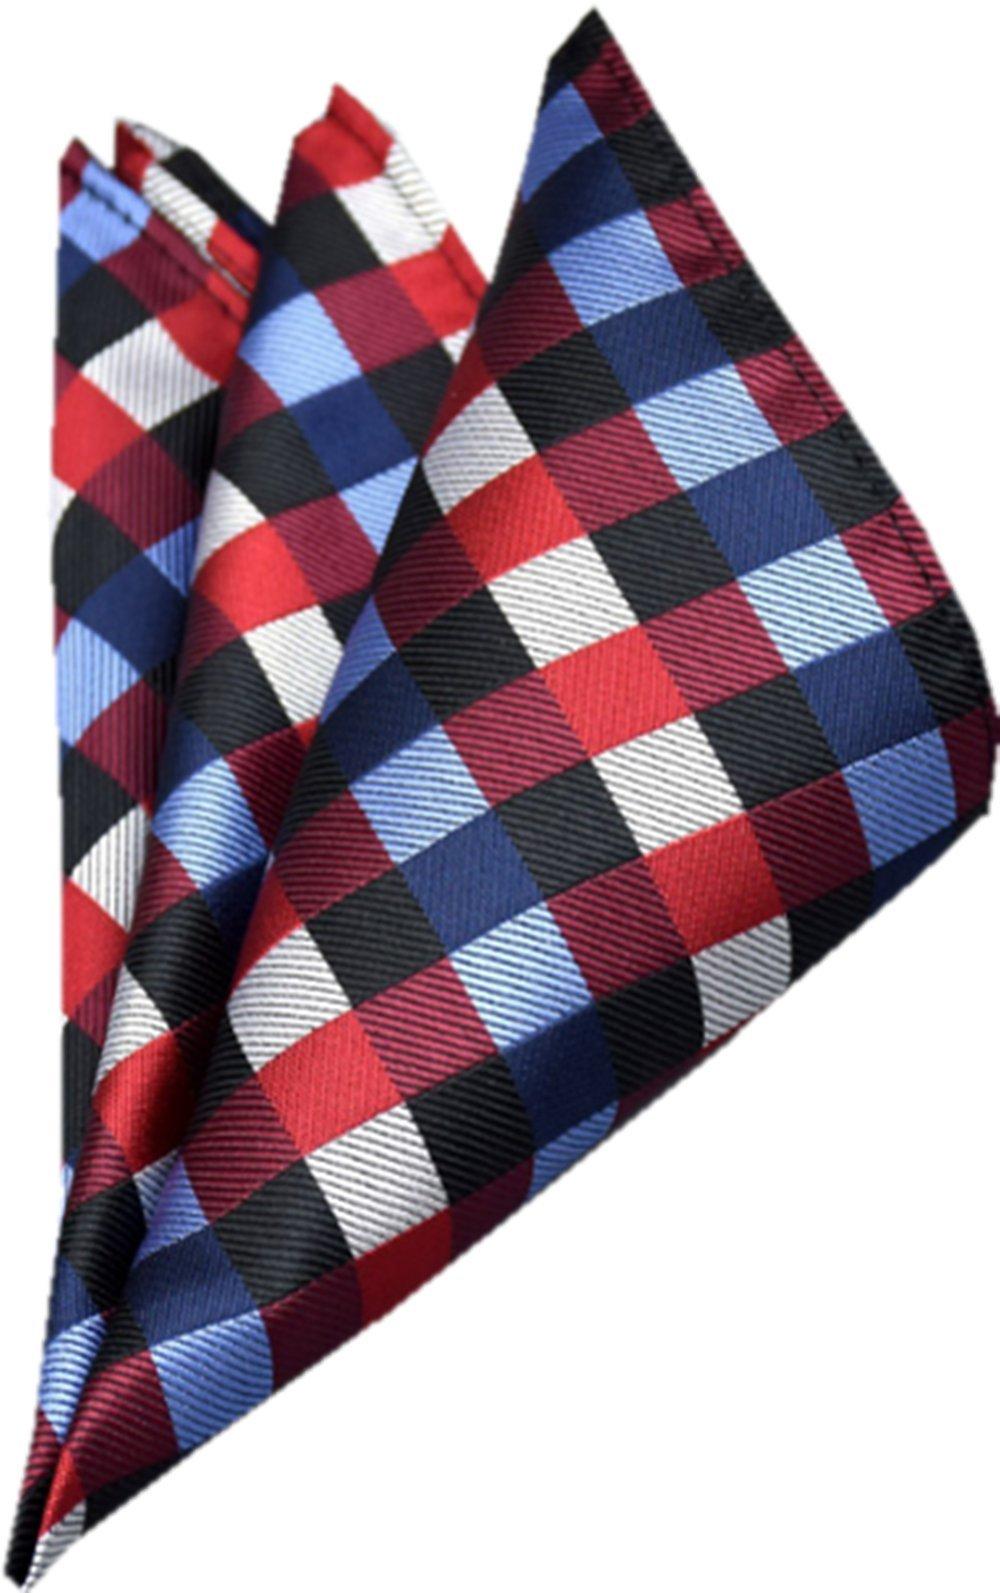 YUNEE Men's Pocket Square Handkerchief Wedding Gift (Color 4)